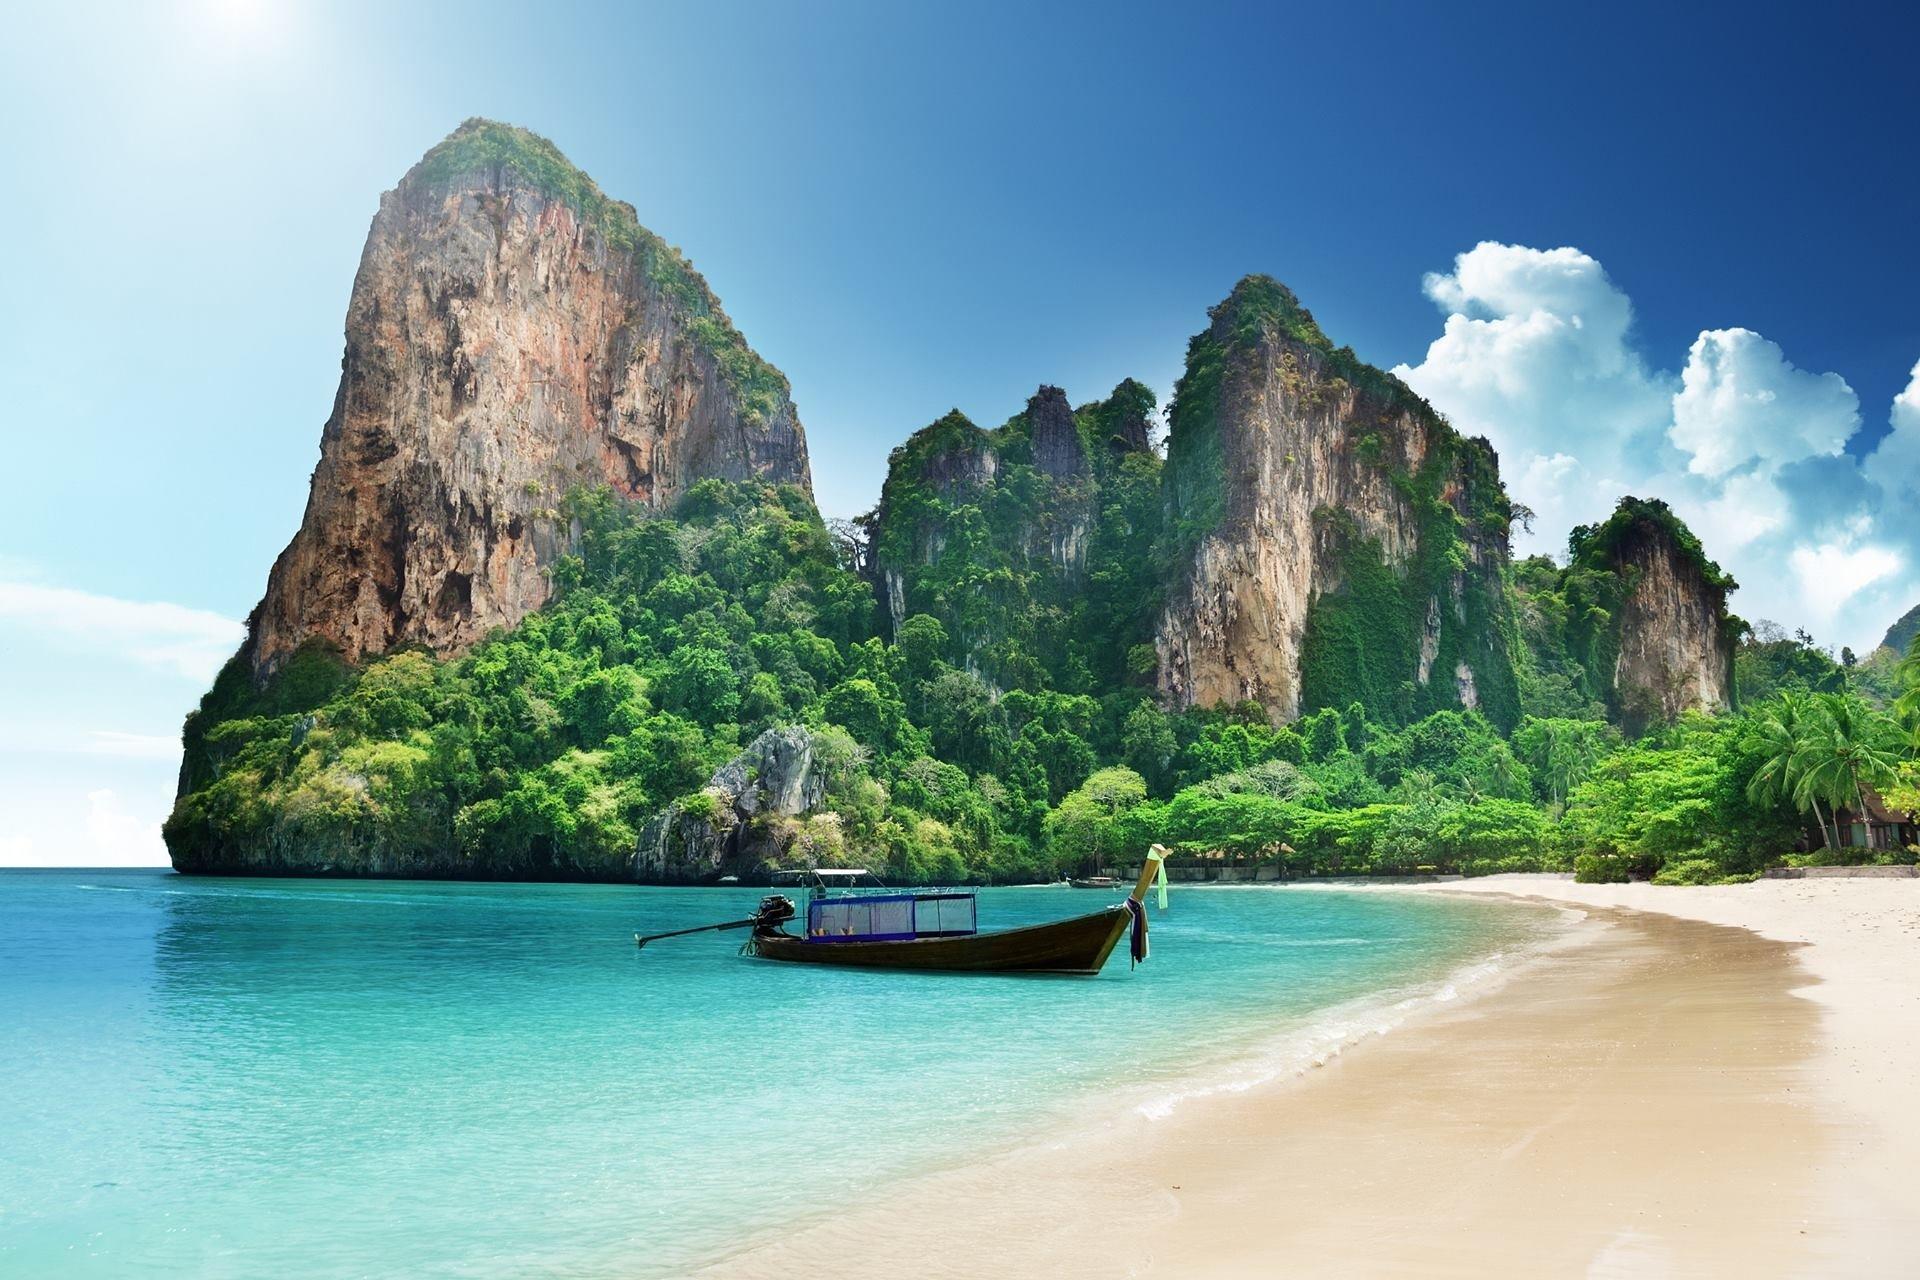 Tailândia - cenários paradisíacos